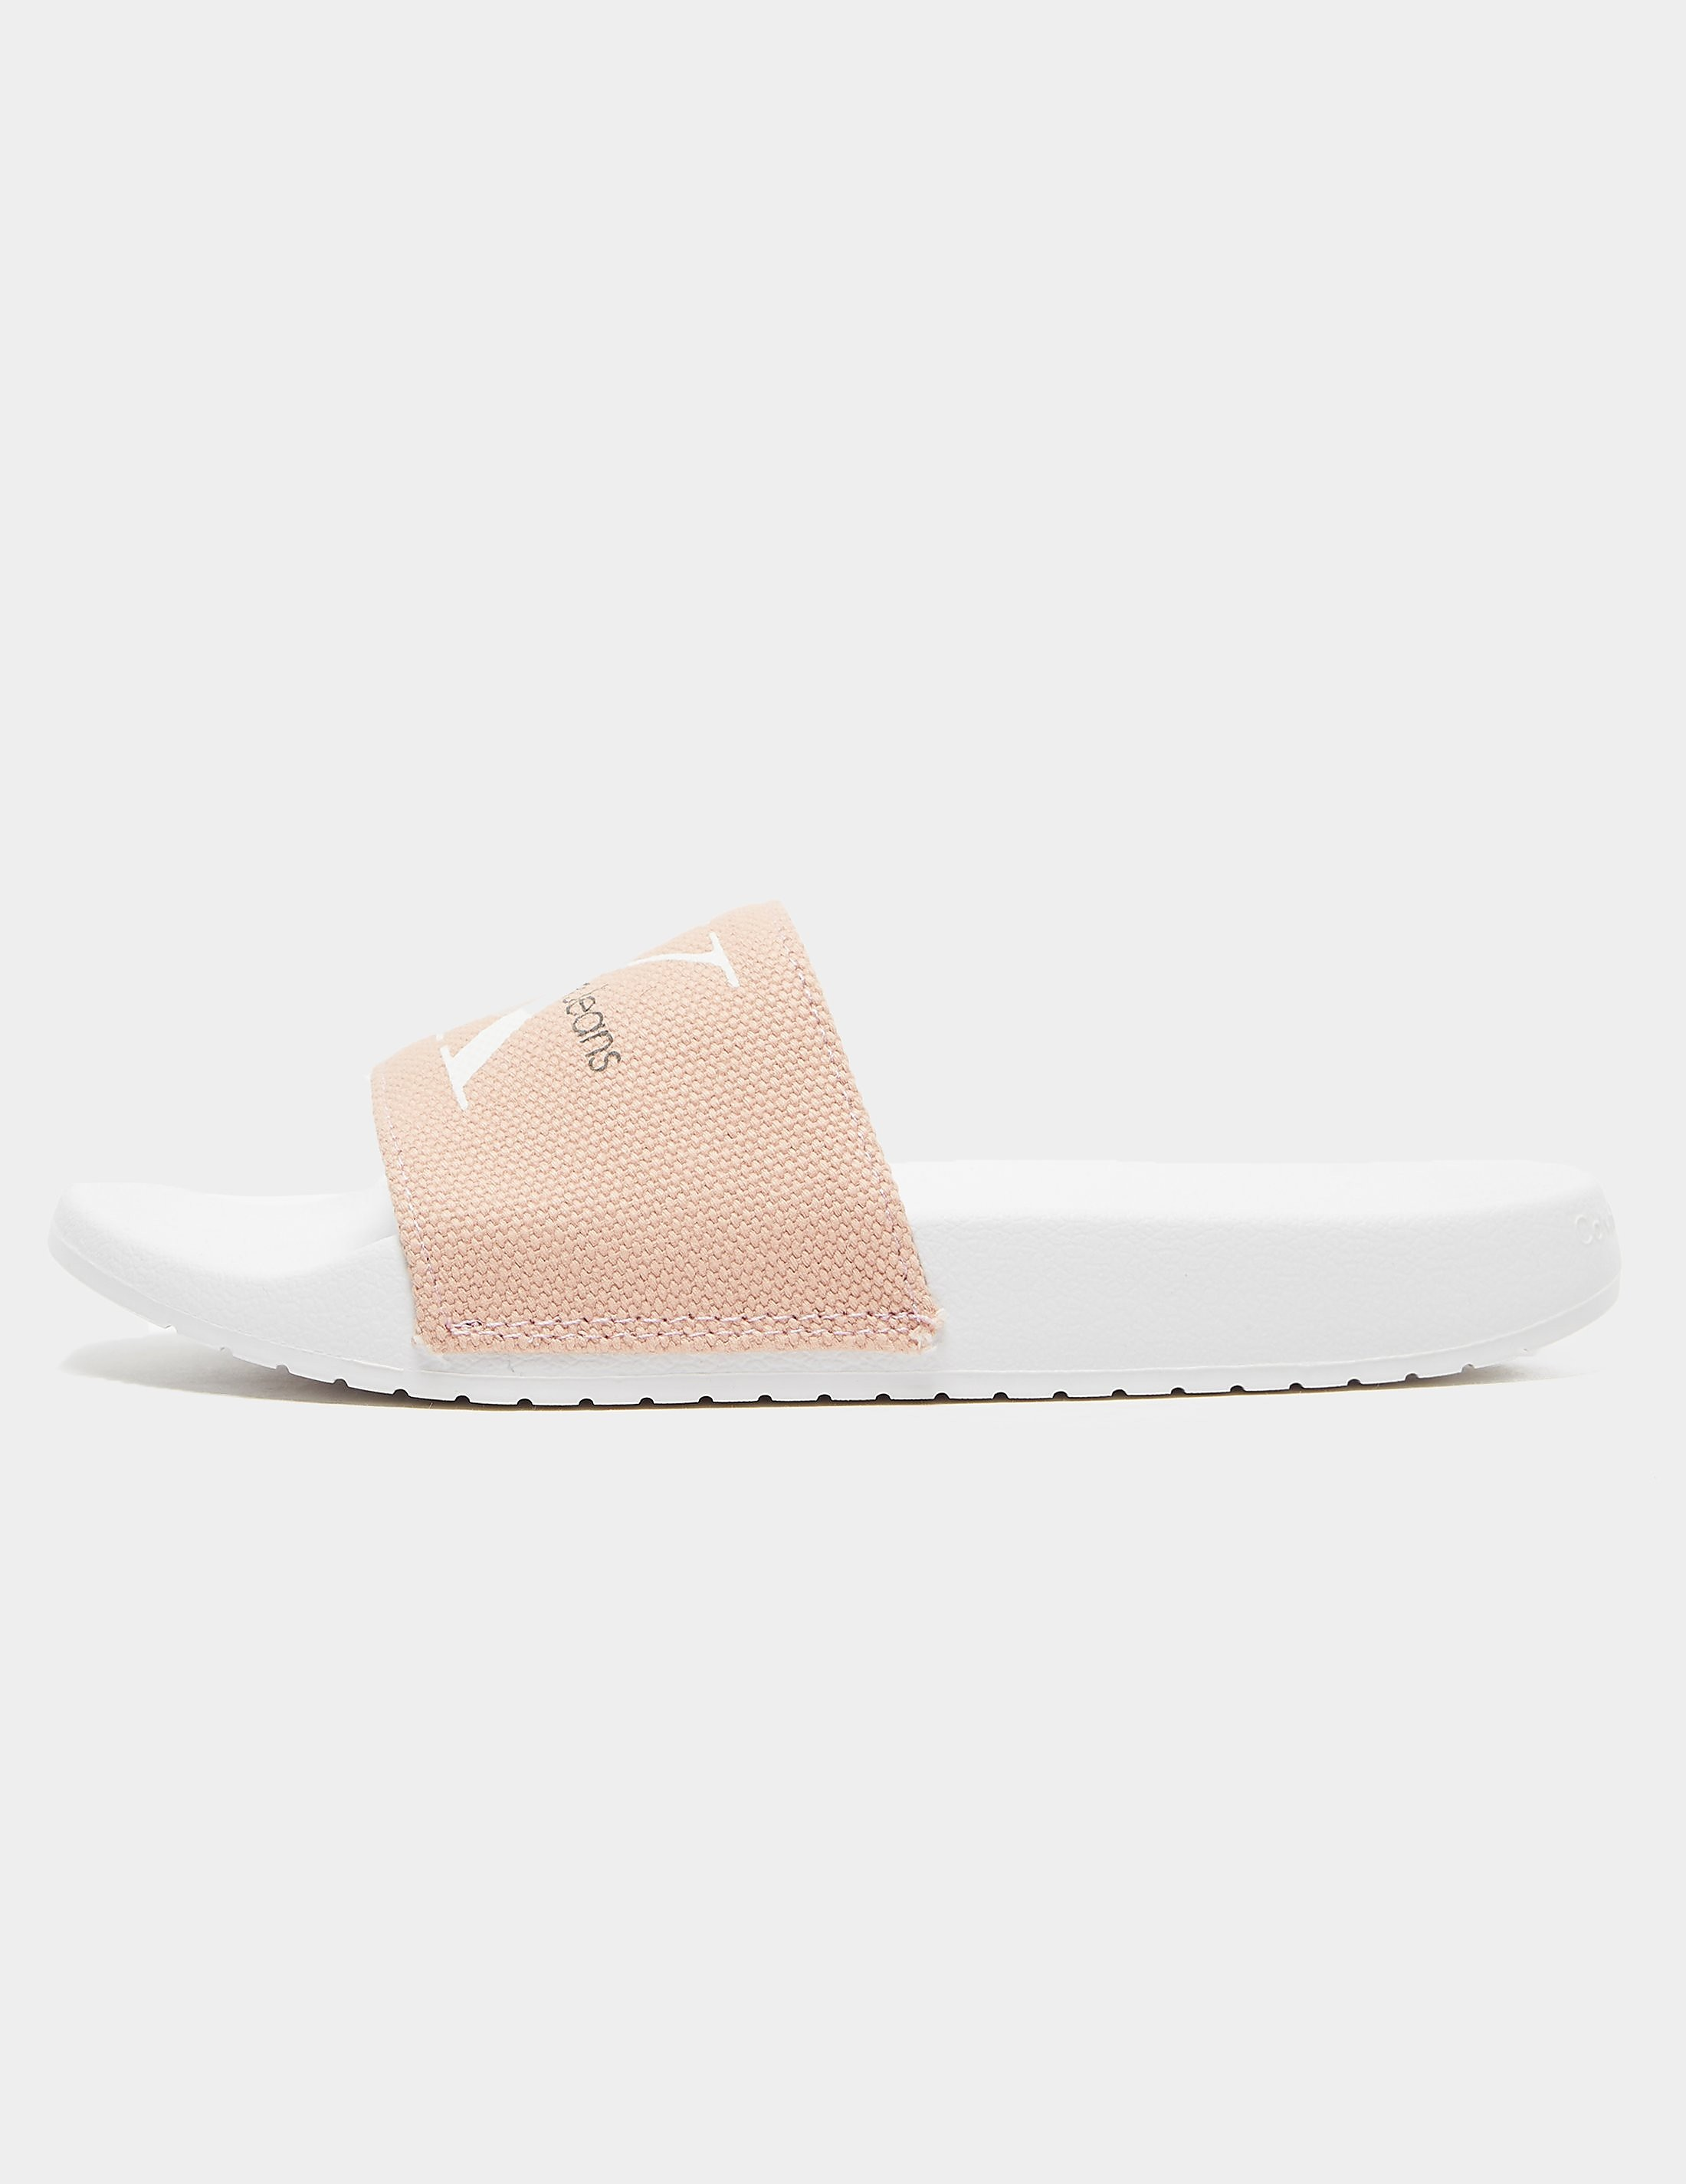 Calvin Klein CK Slides Women's